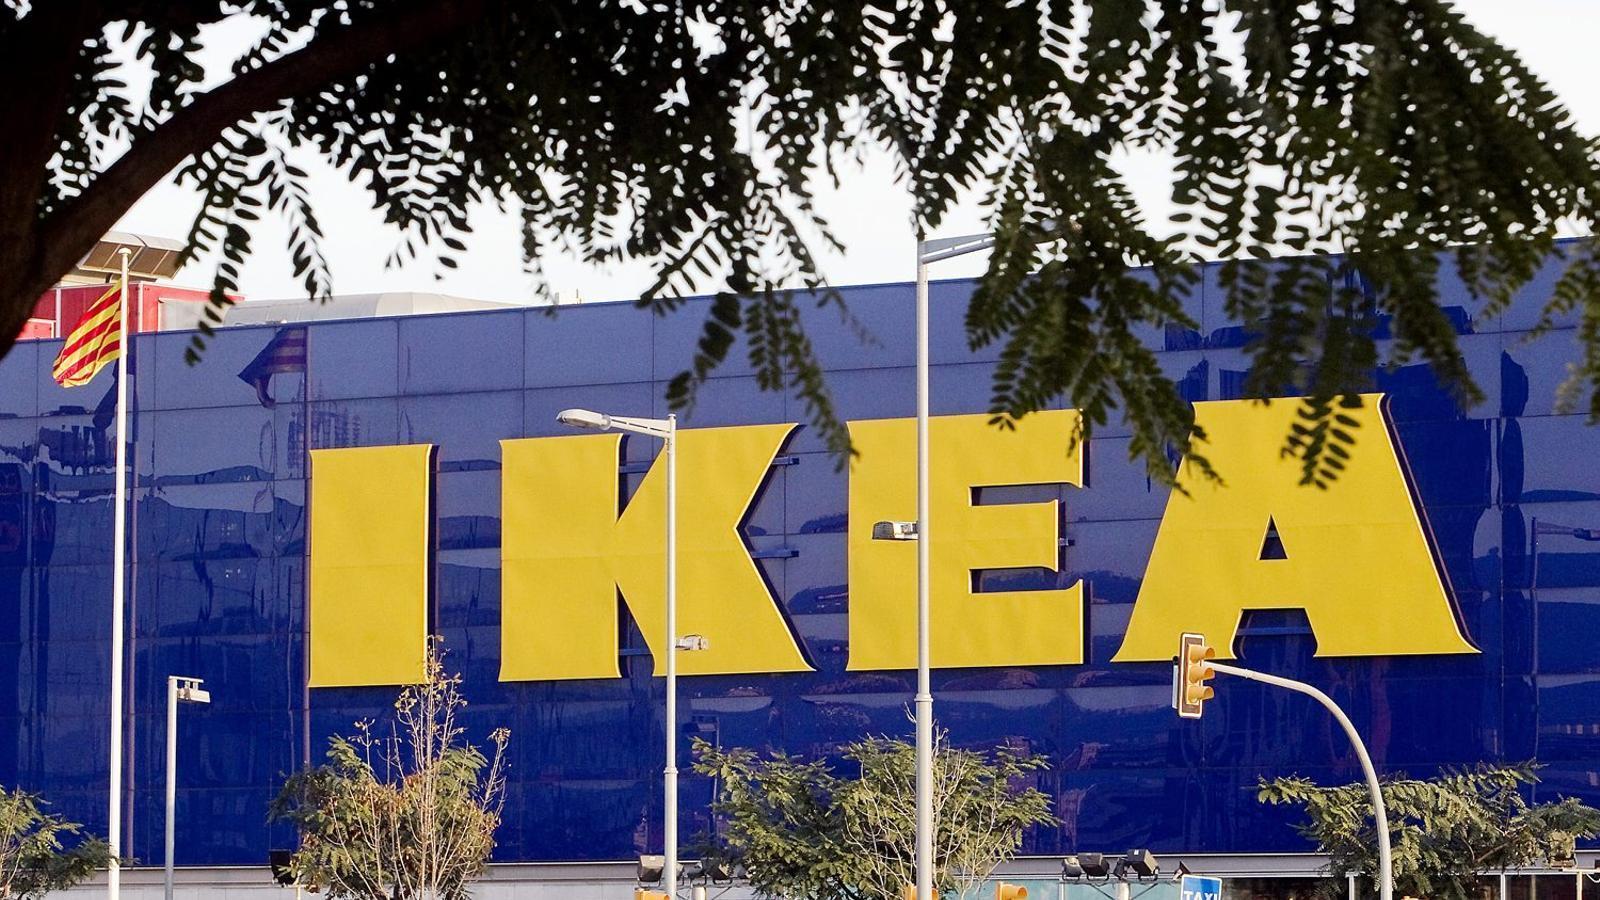 ikea reparteix 12 5 milions entre els empleats espanyols per haver assolit els objectius. Black Bedroom Furniture Sets. Home Design Ideas